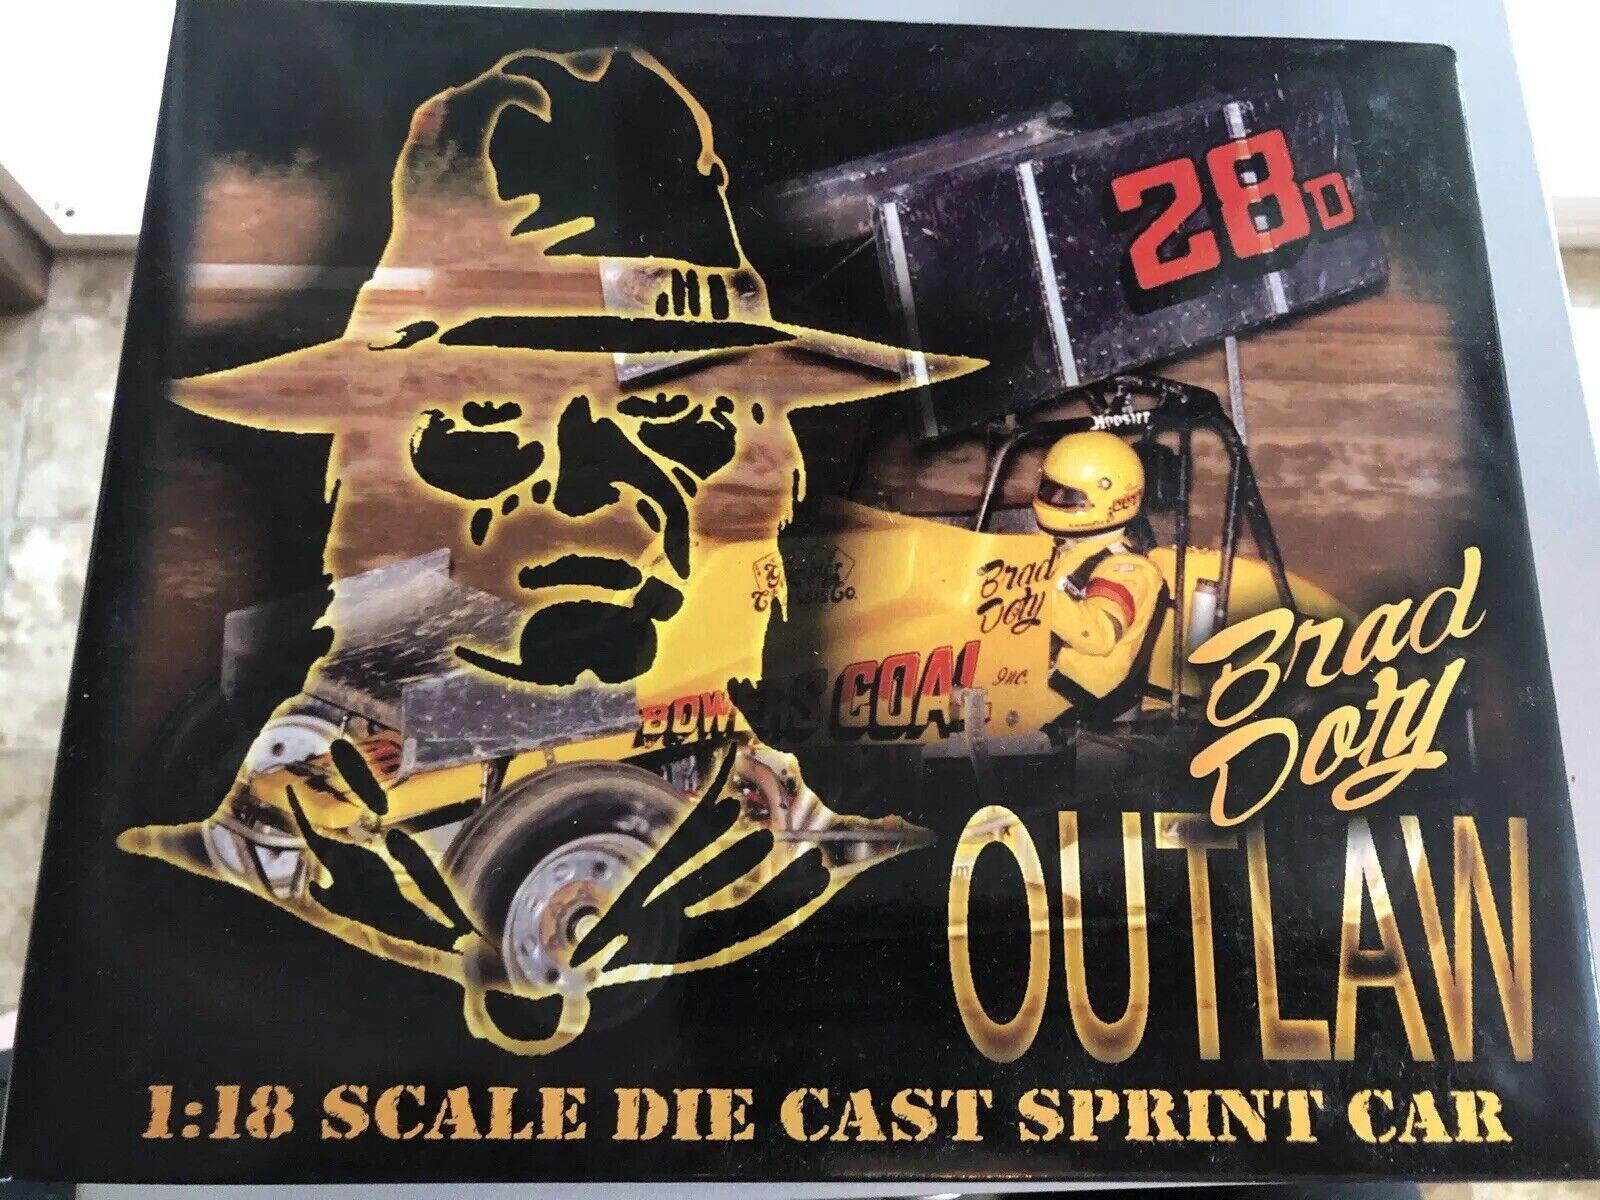 GMP Brad Doty Bowers carbón Outlaw metal con alas Sprint suciedad coche D 1 18 Escala